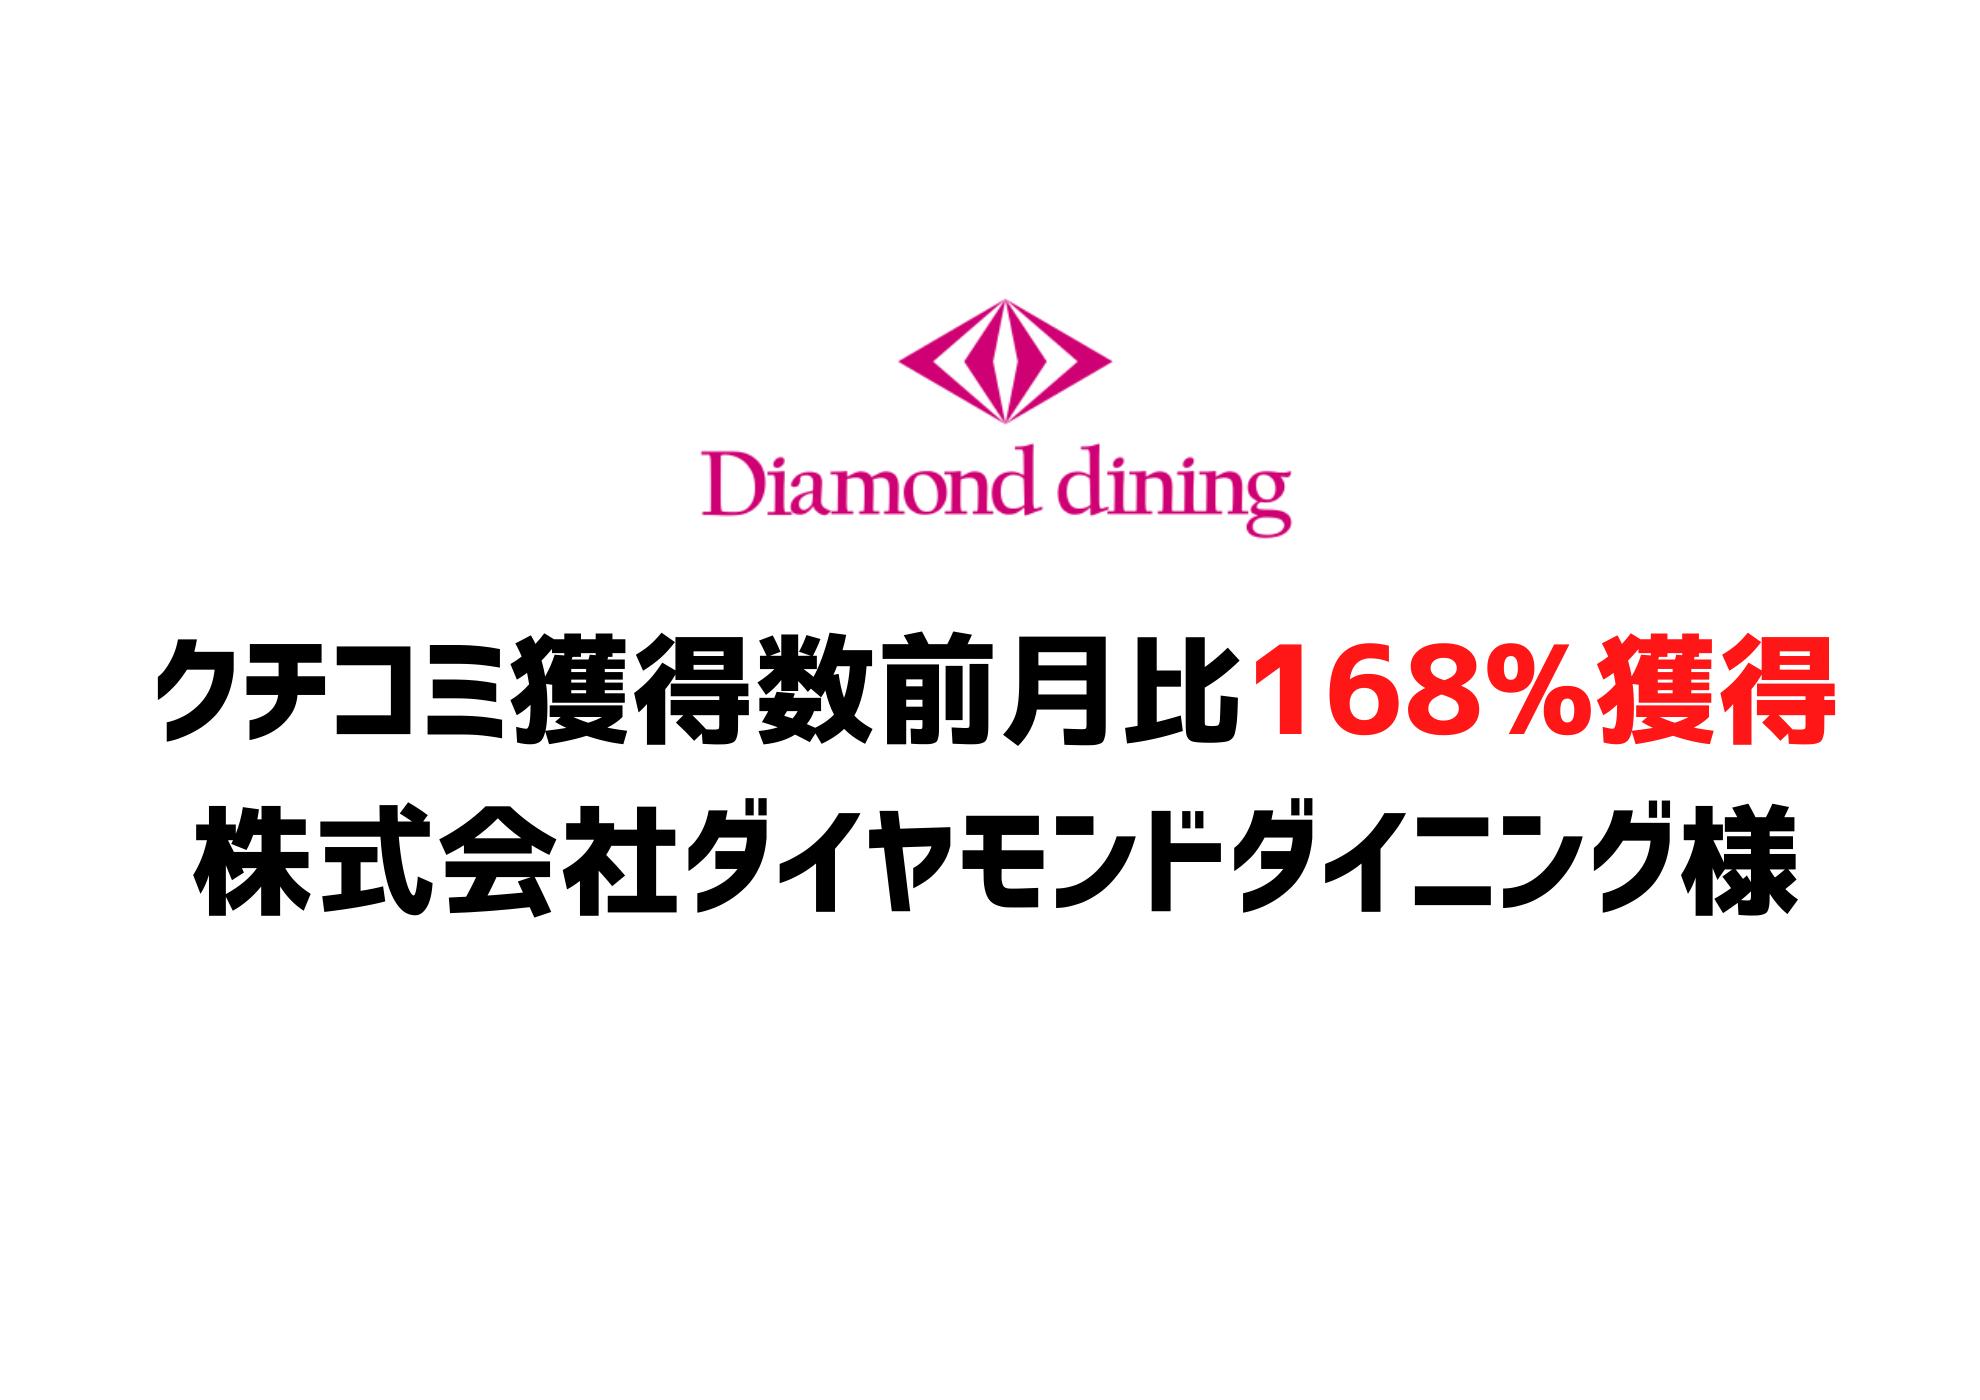 クチコミ獲得数前月比168%獲得ー株式会社ダイヤモンドダイニング様